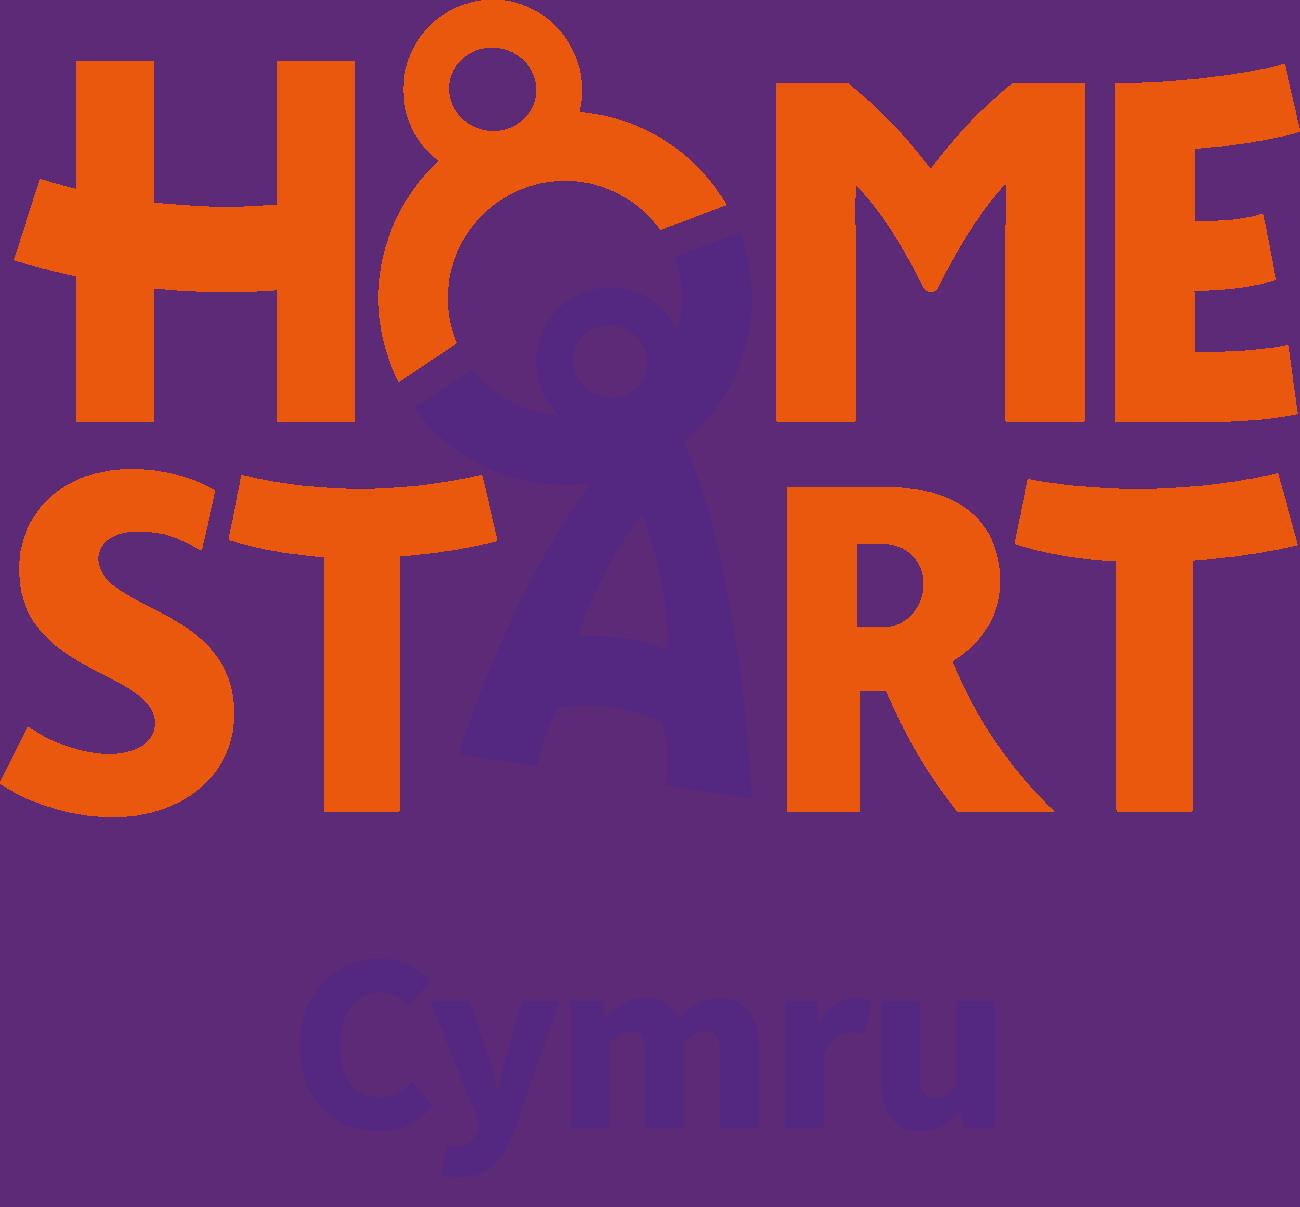 Home-Start Cymru logo